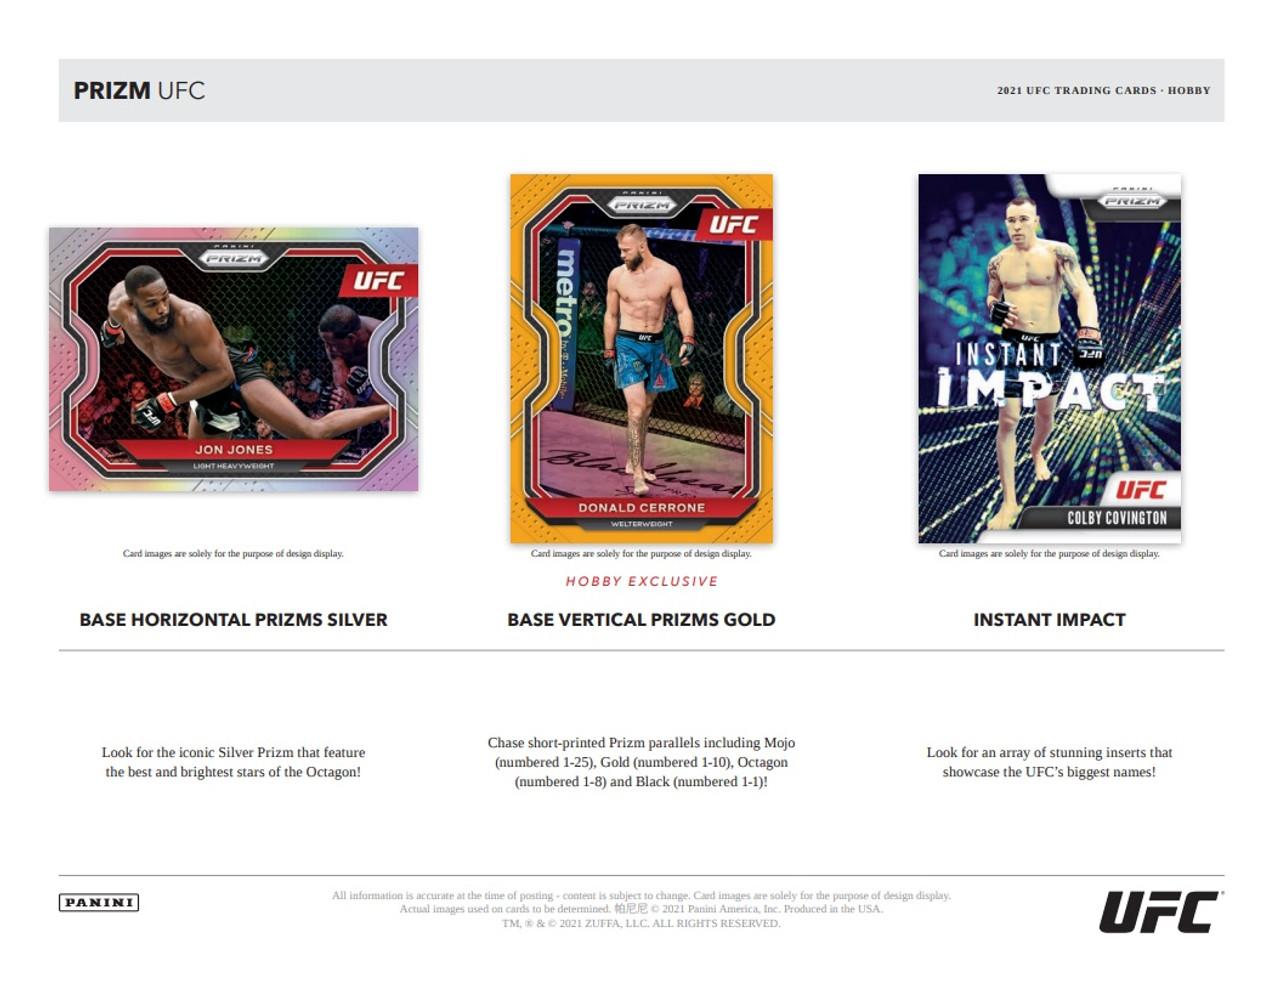 UFC - 2021 Panini Prizm UFC Hobby Box